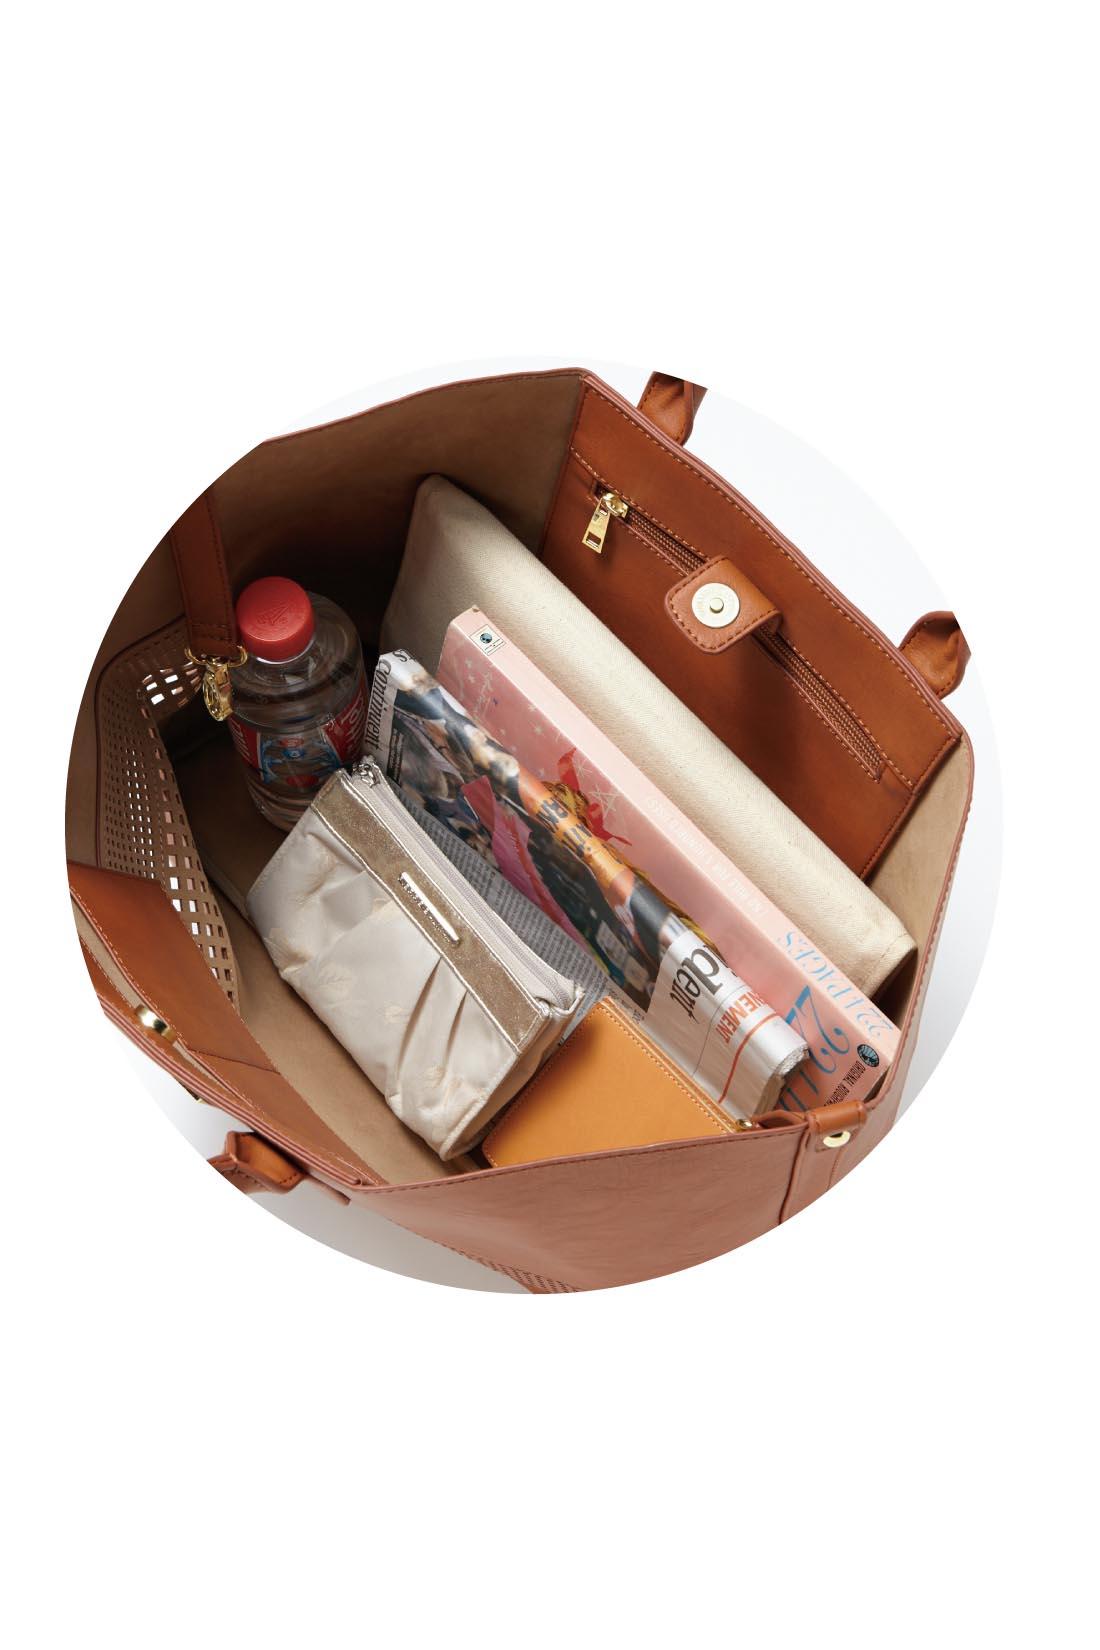 ガバッと開いて、使いやすく、マグネット付きで安心。内側にファスナー付きポケットが1つ、間仕切りポケットが2つ。